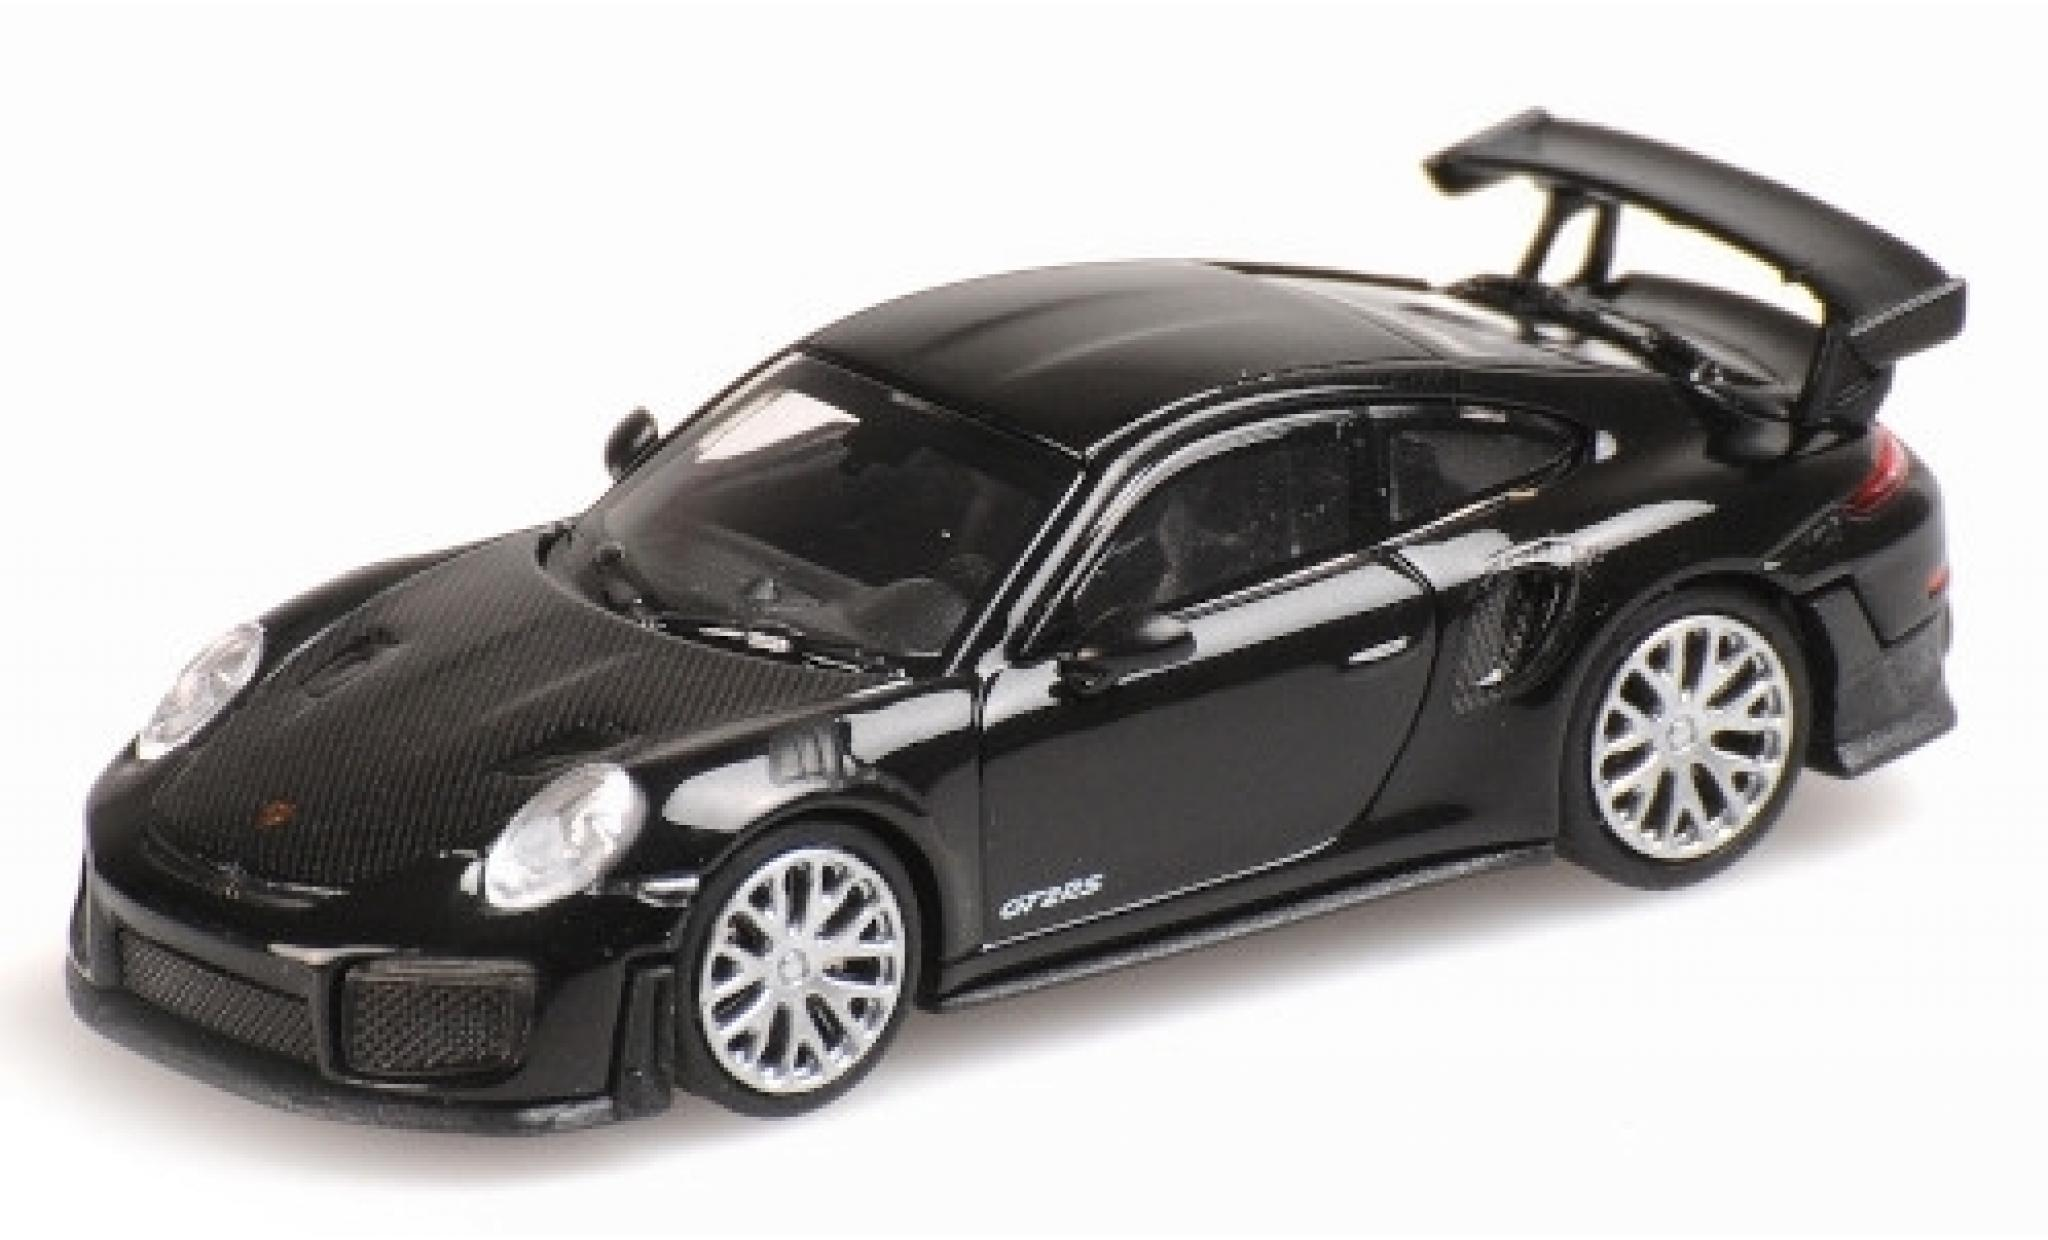 Porsche 991 GT2 RS 1/87 Minichamps 911 black 2018 avec Carbon-Capot